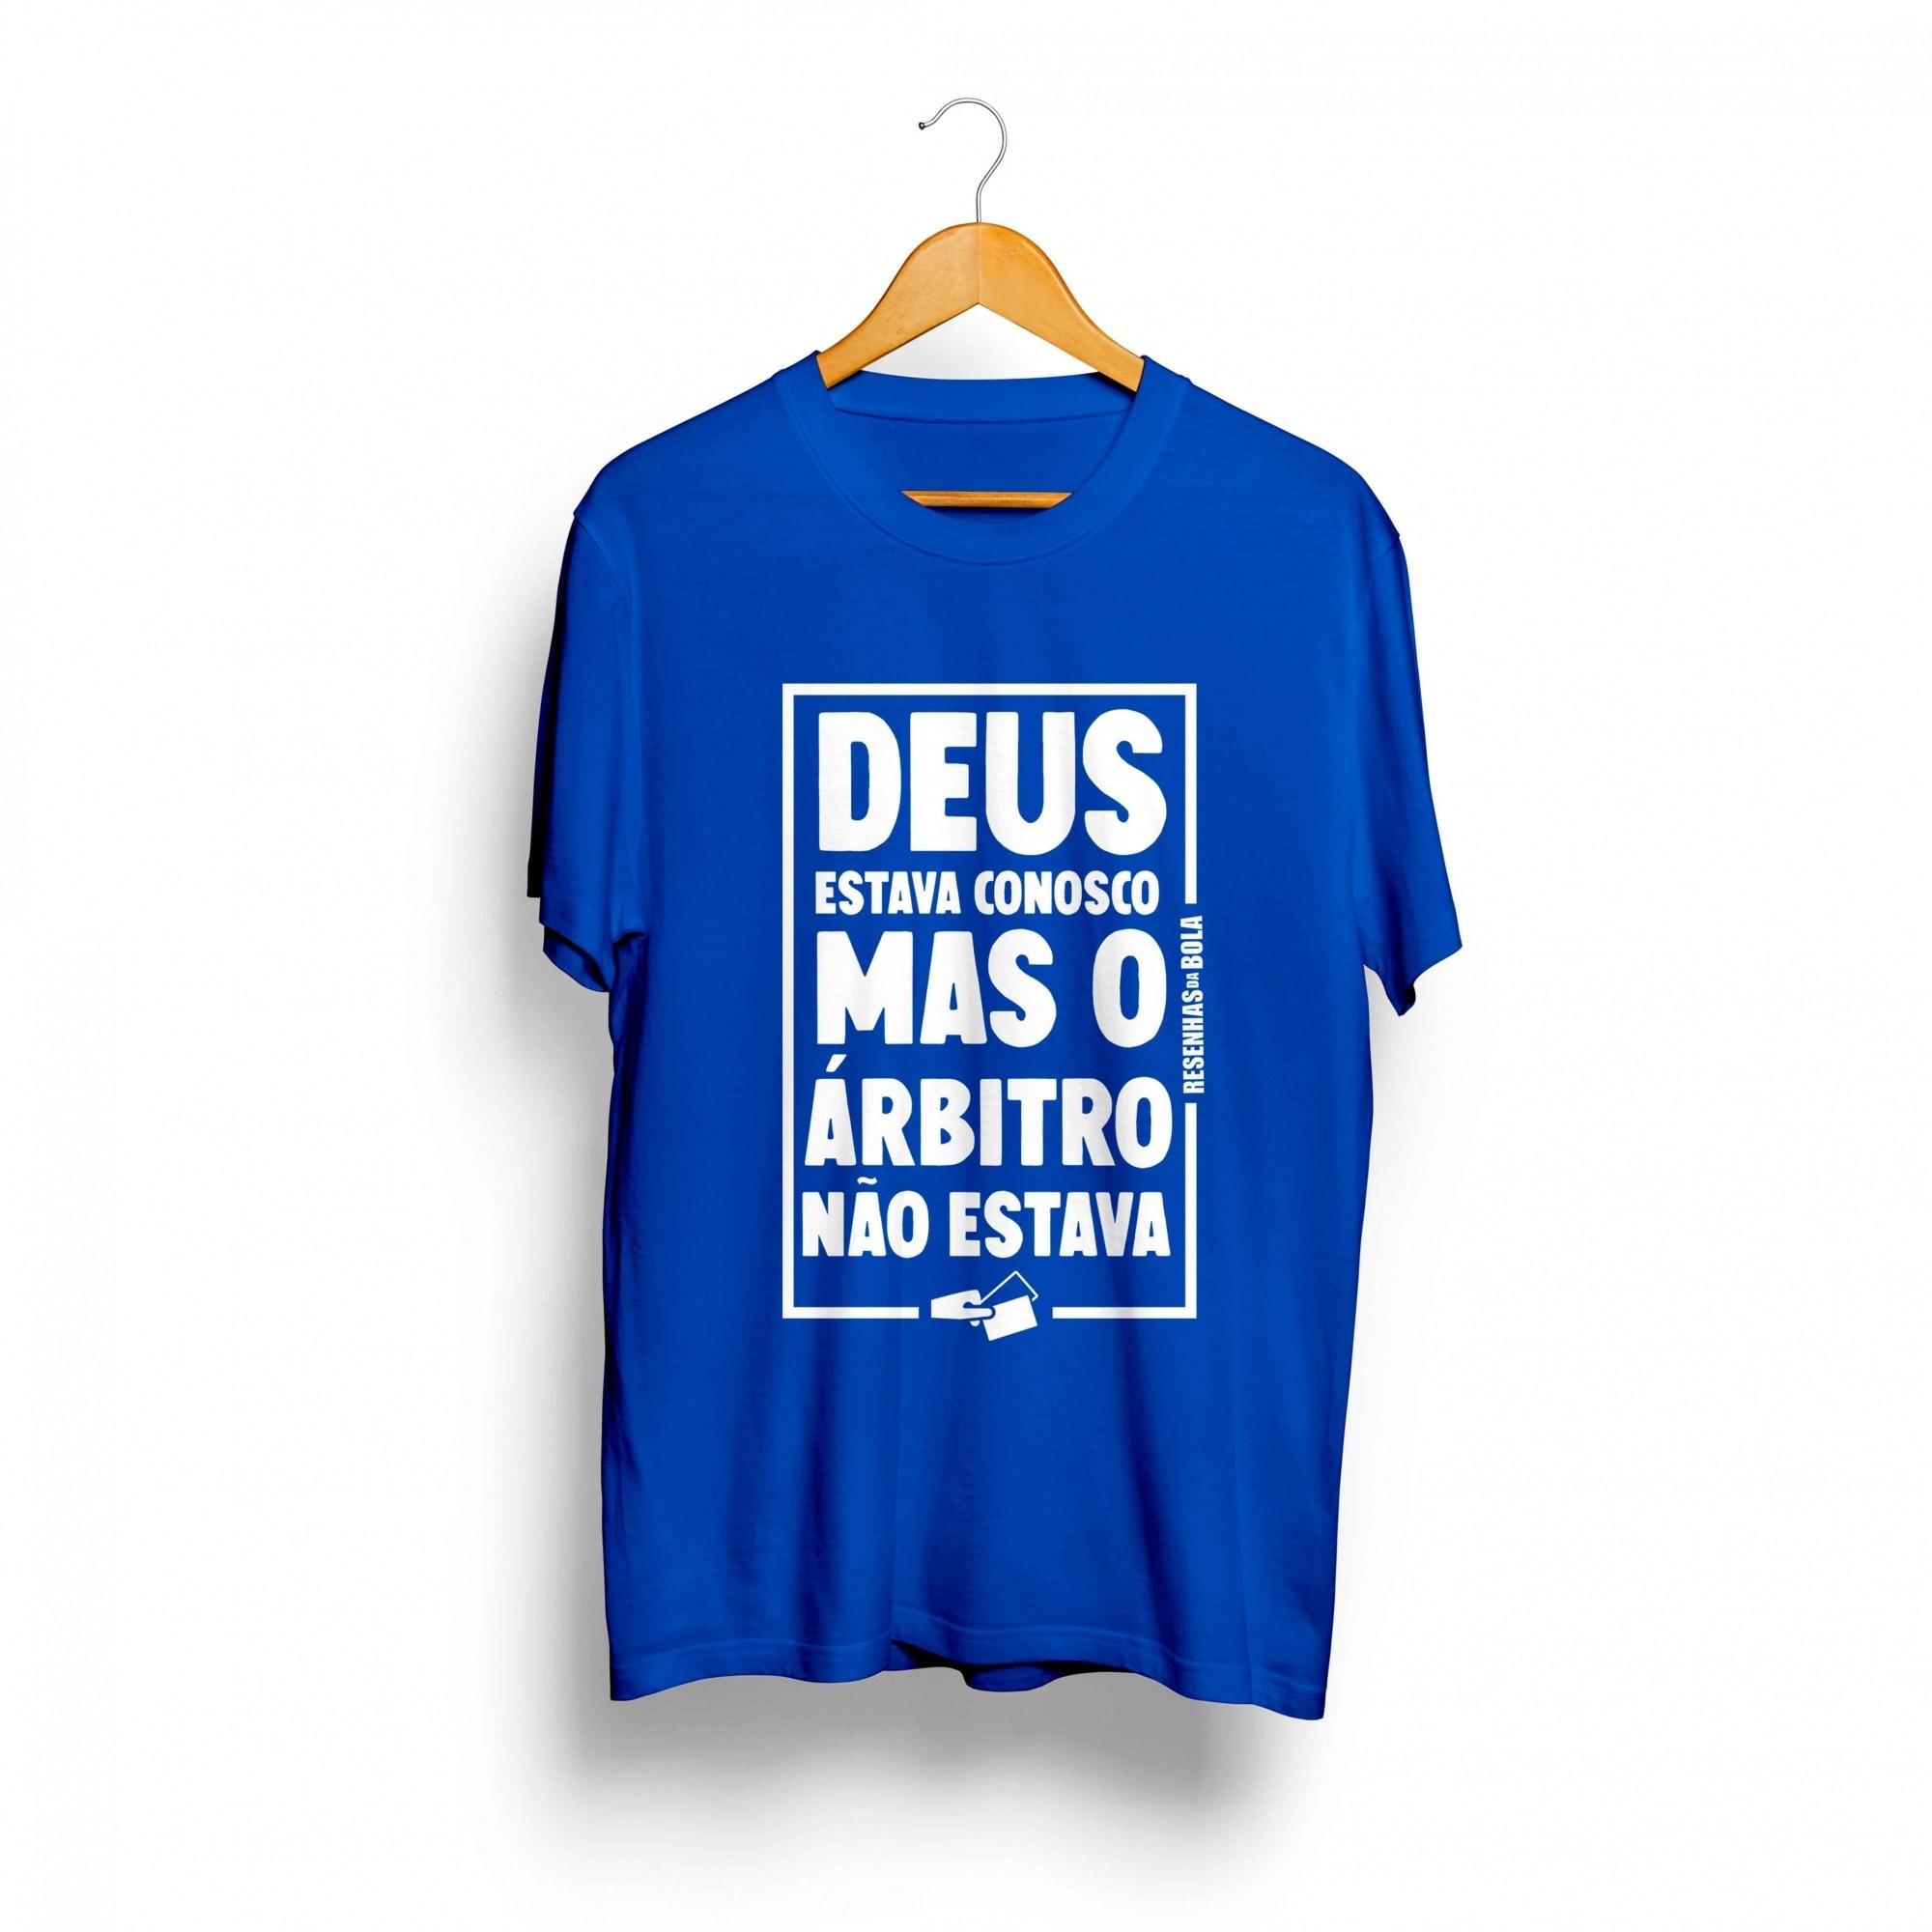 Camiseta - DEUS ESTAVA CONOSCO MAS O ARBITRO NÃO ESTAVA - Masculino